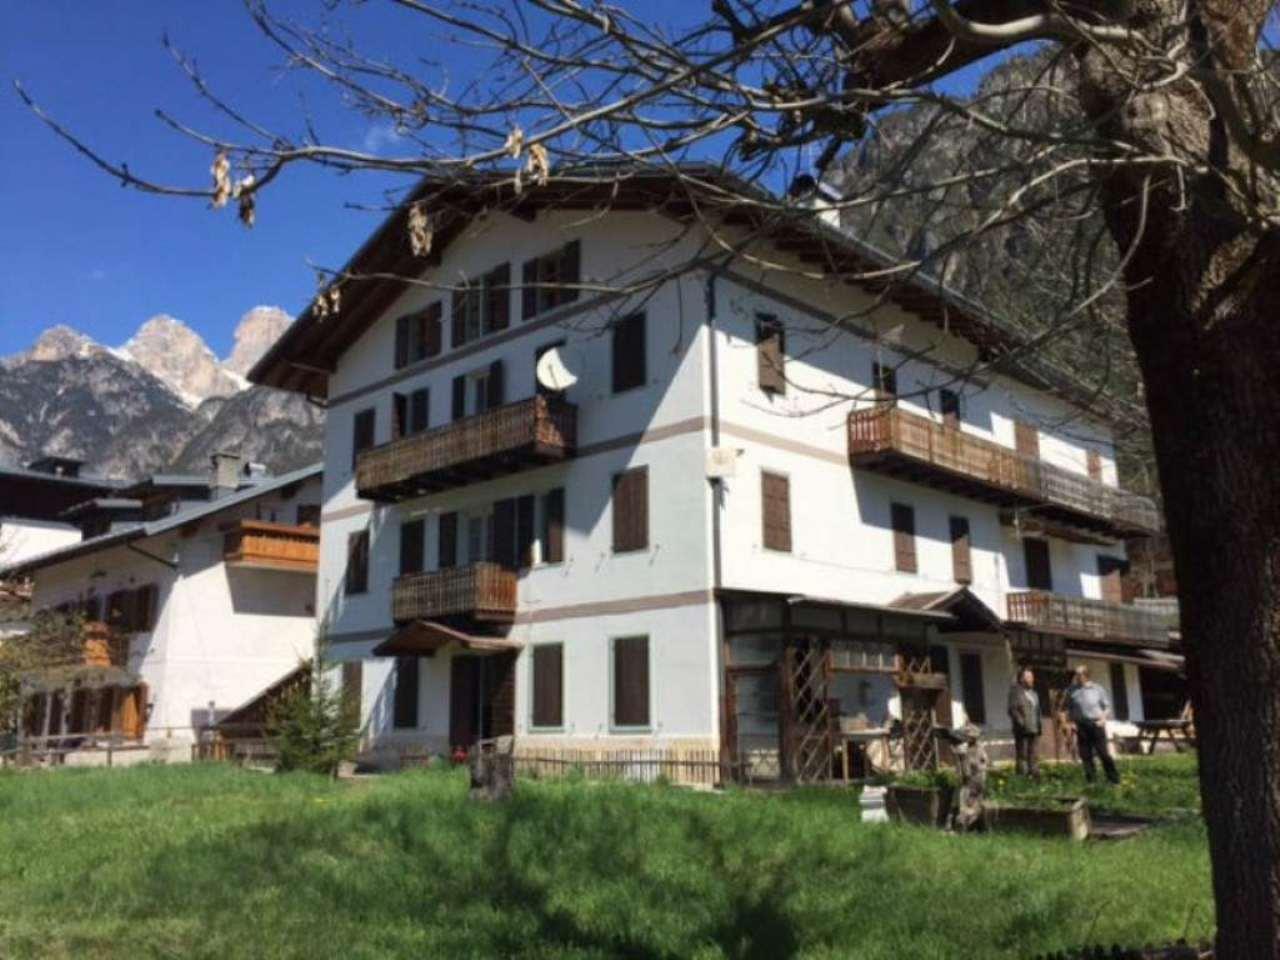 Soluzione Indipendente in vendita a Auronzo di Cadore, 13 locali, prezzo € 265.000 | Cambio Casa.it